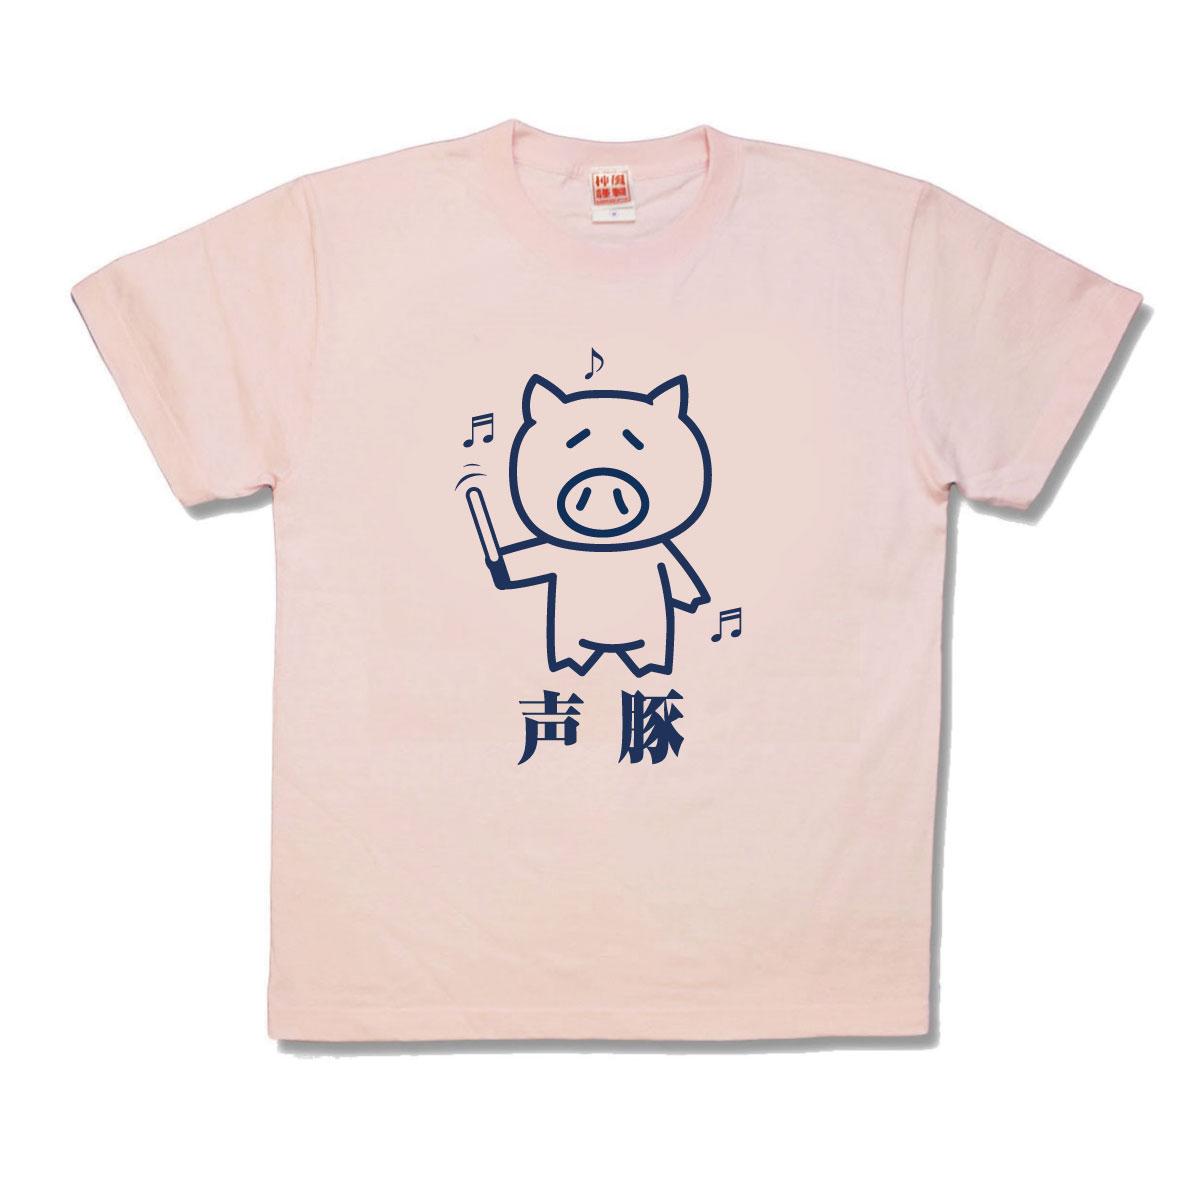 ビトンじゃないよ声豚だよ 可愛い豚さんのデザイン おもしろTシャツ アウトレットセール 特集 声豚 超歓迎された